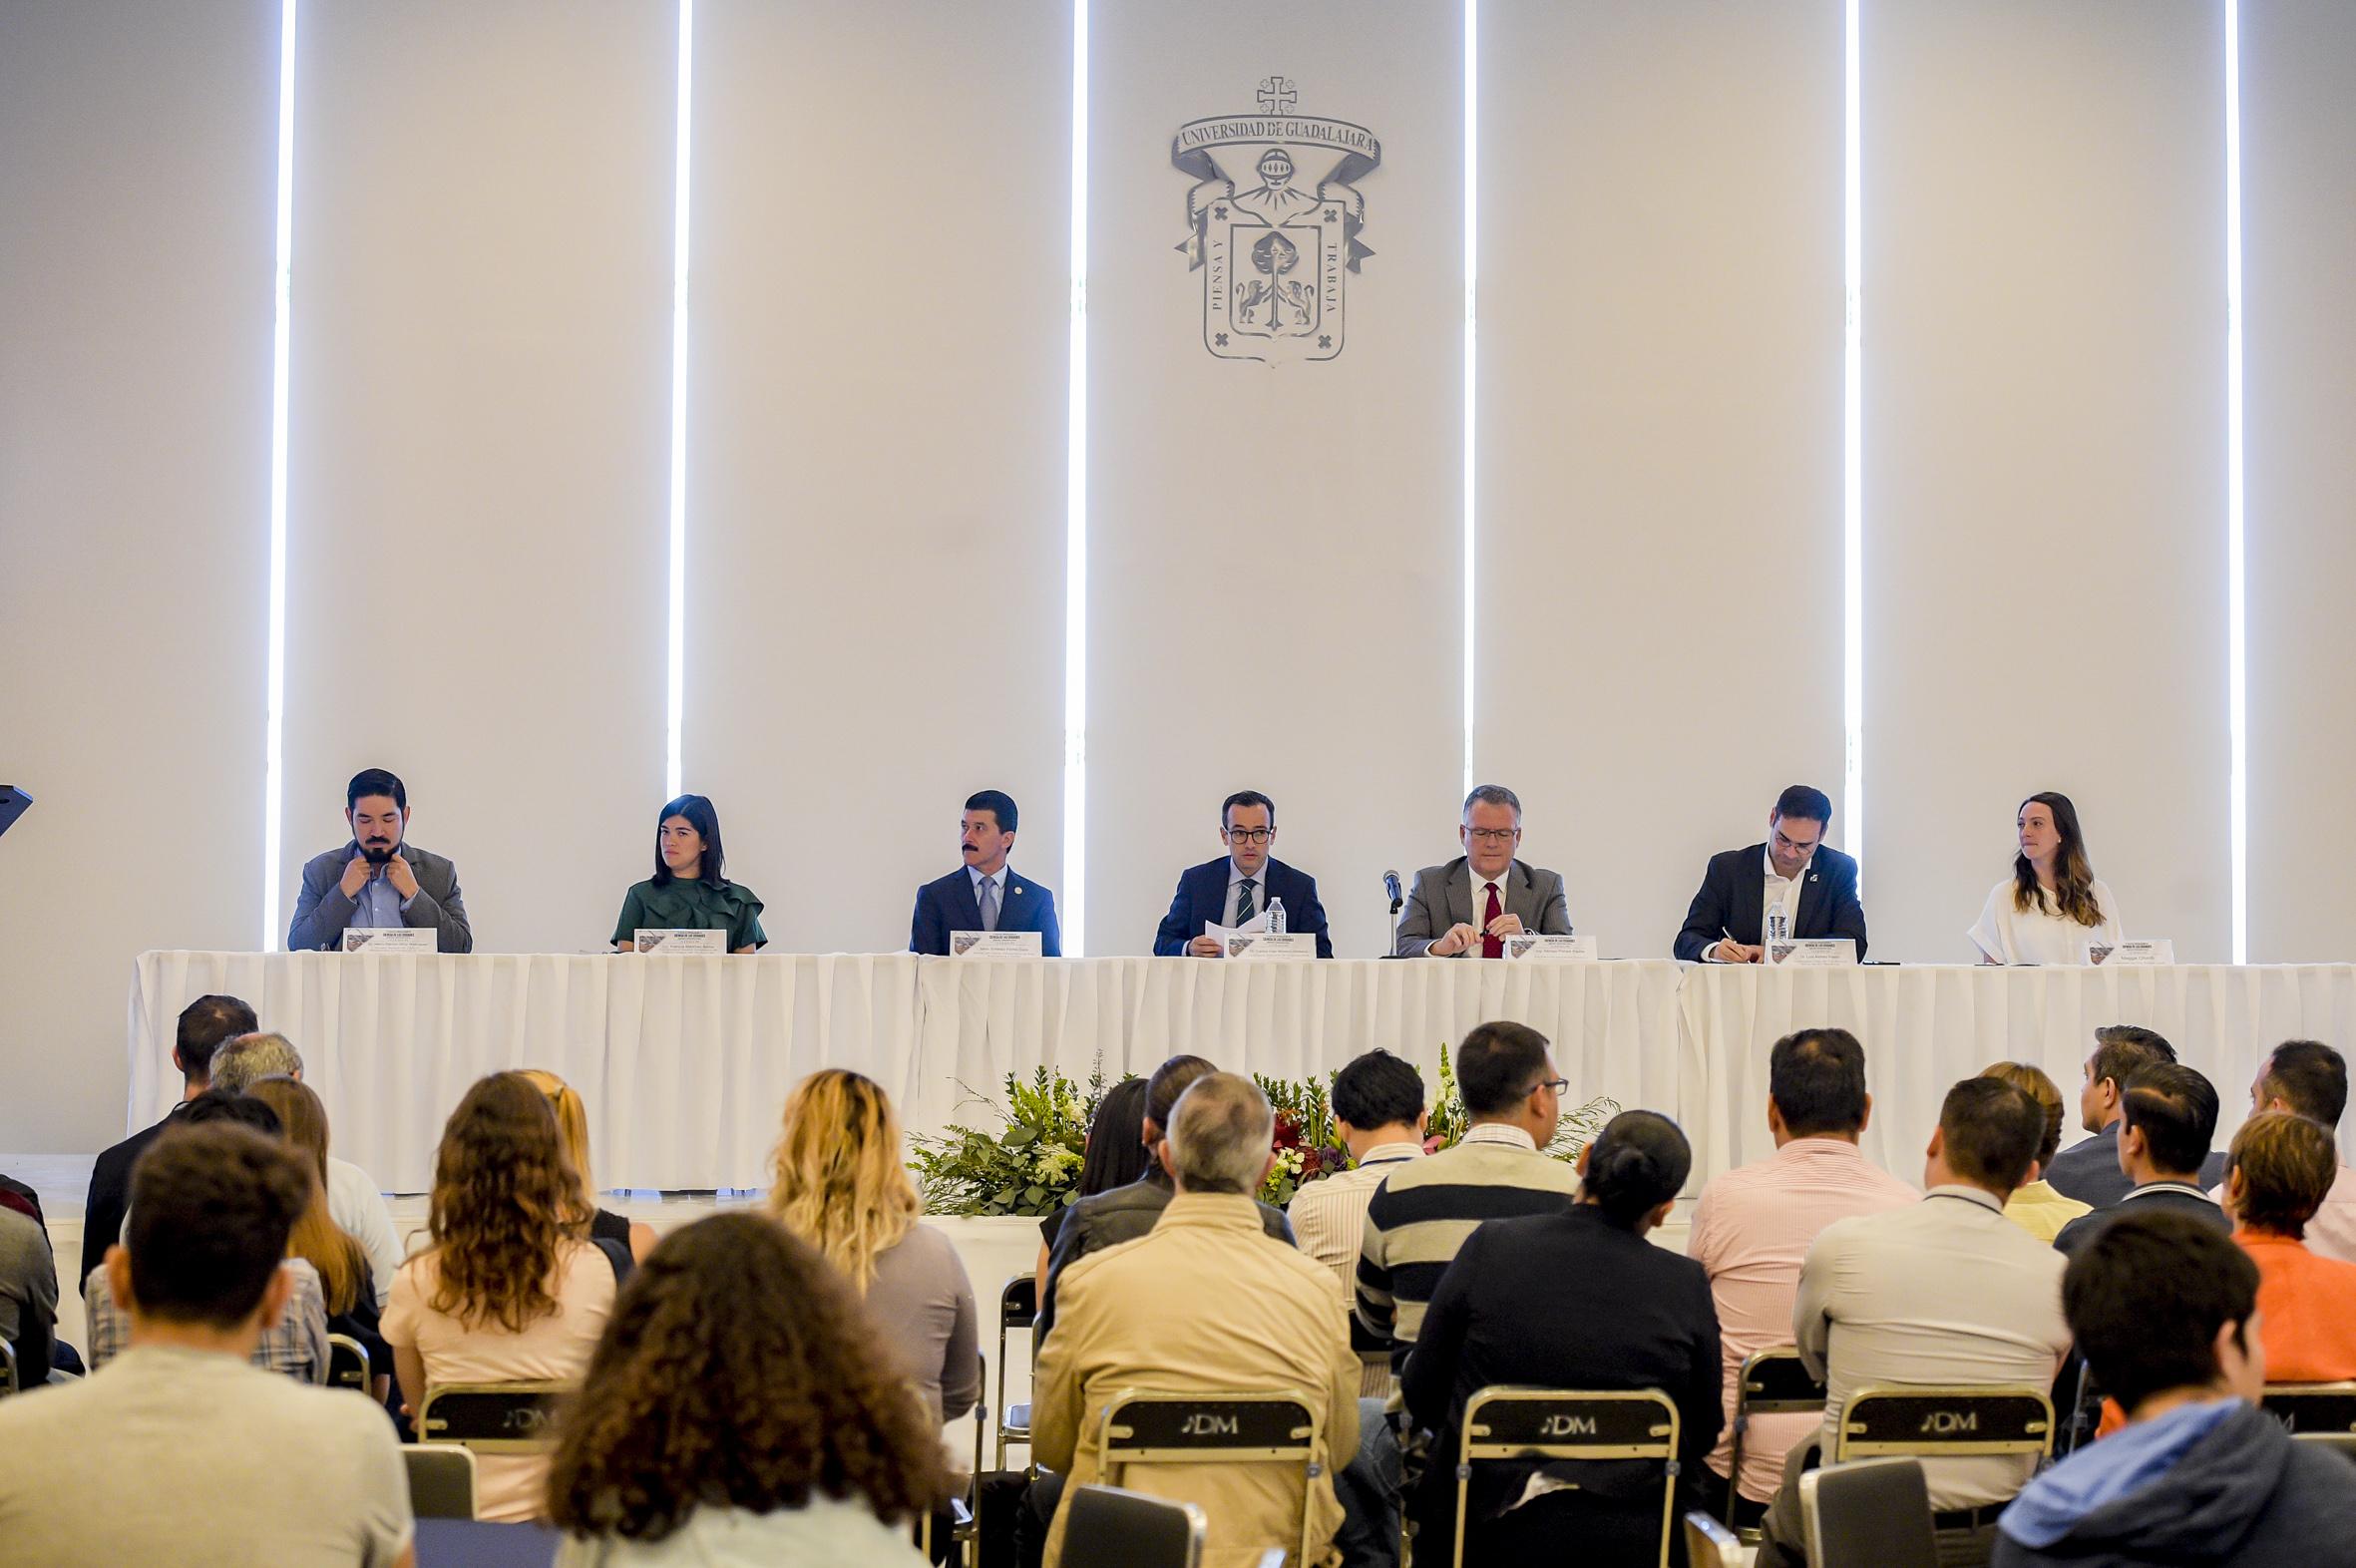 Mesa del presidium en la inauguracion del  segundo Taller de Especialización Ciencia de las Ciudades en el CUAAD